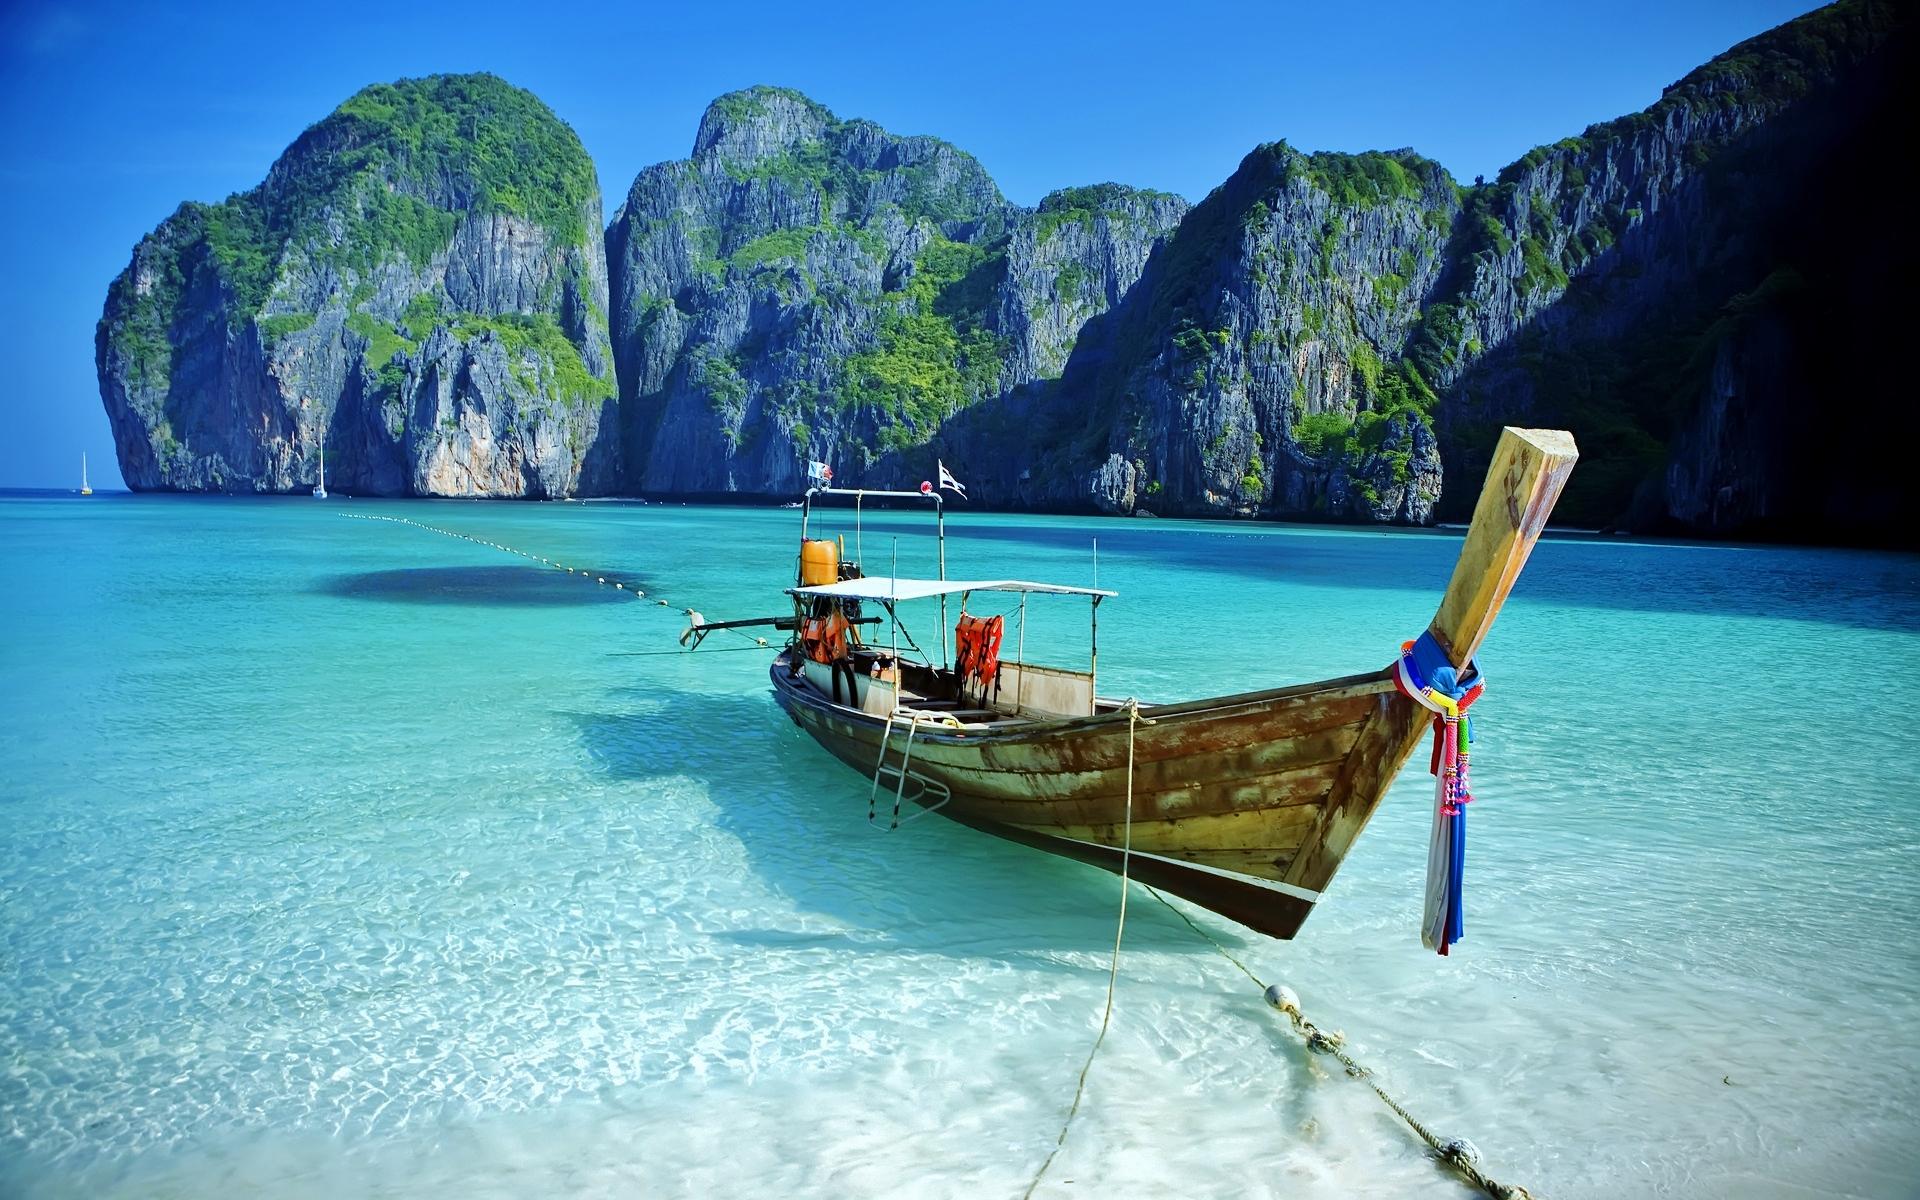 [Sehr günstige Pauschalreisen bei LTUR] 3 Tage Cancun inklusive Flug, Zug-zum-Flug und Hotel für 395€ (2 Personen) oder 8 Tage Phuket inklusive Flügen, Zug-zum-Flug und Hotel für 502€ (2 Personen)